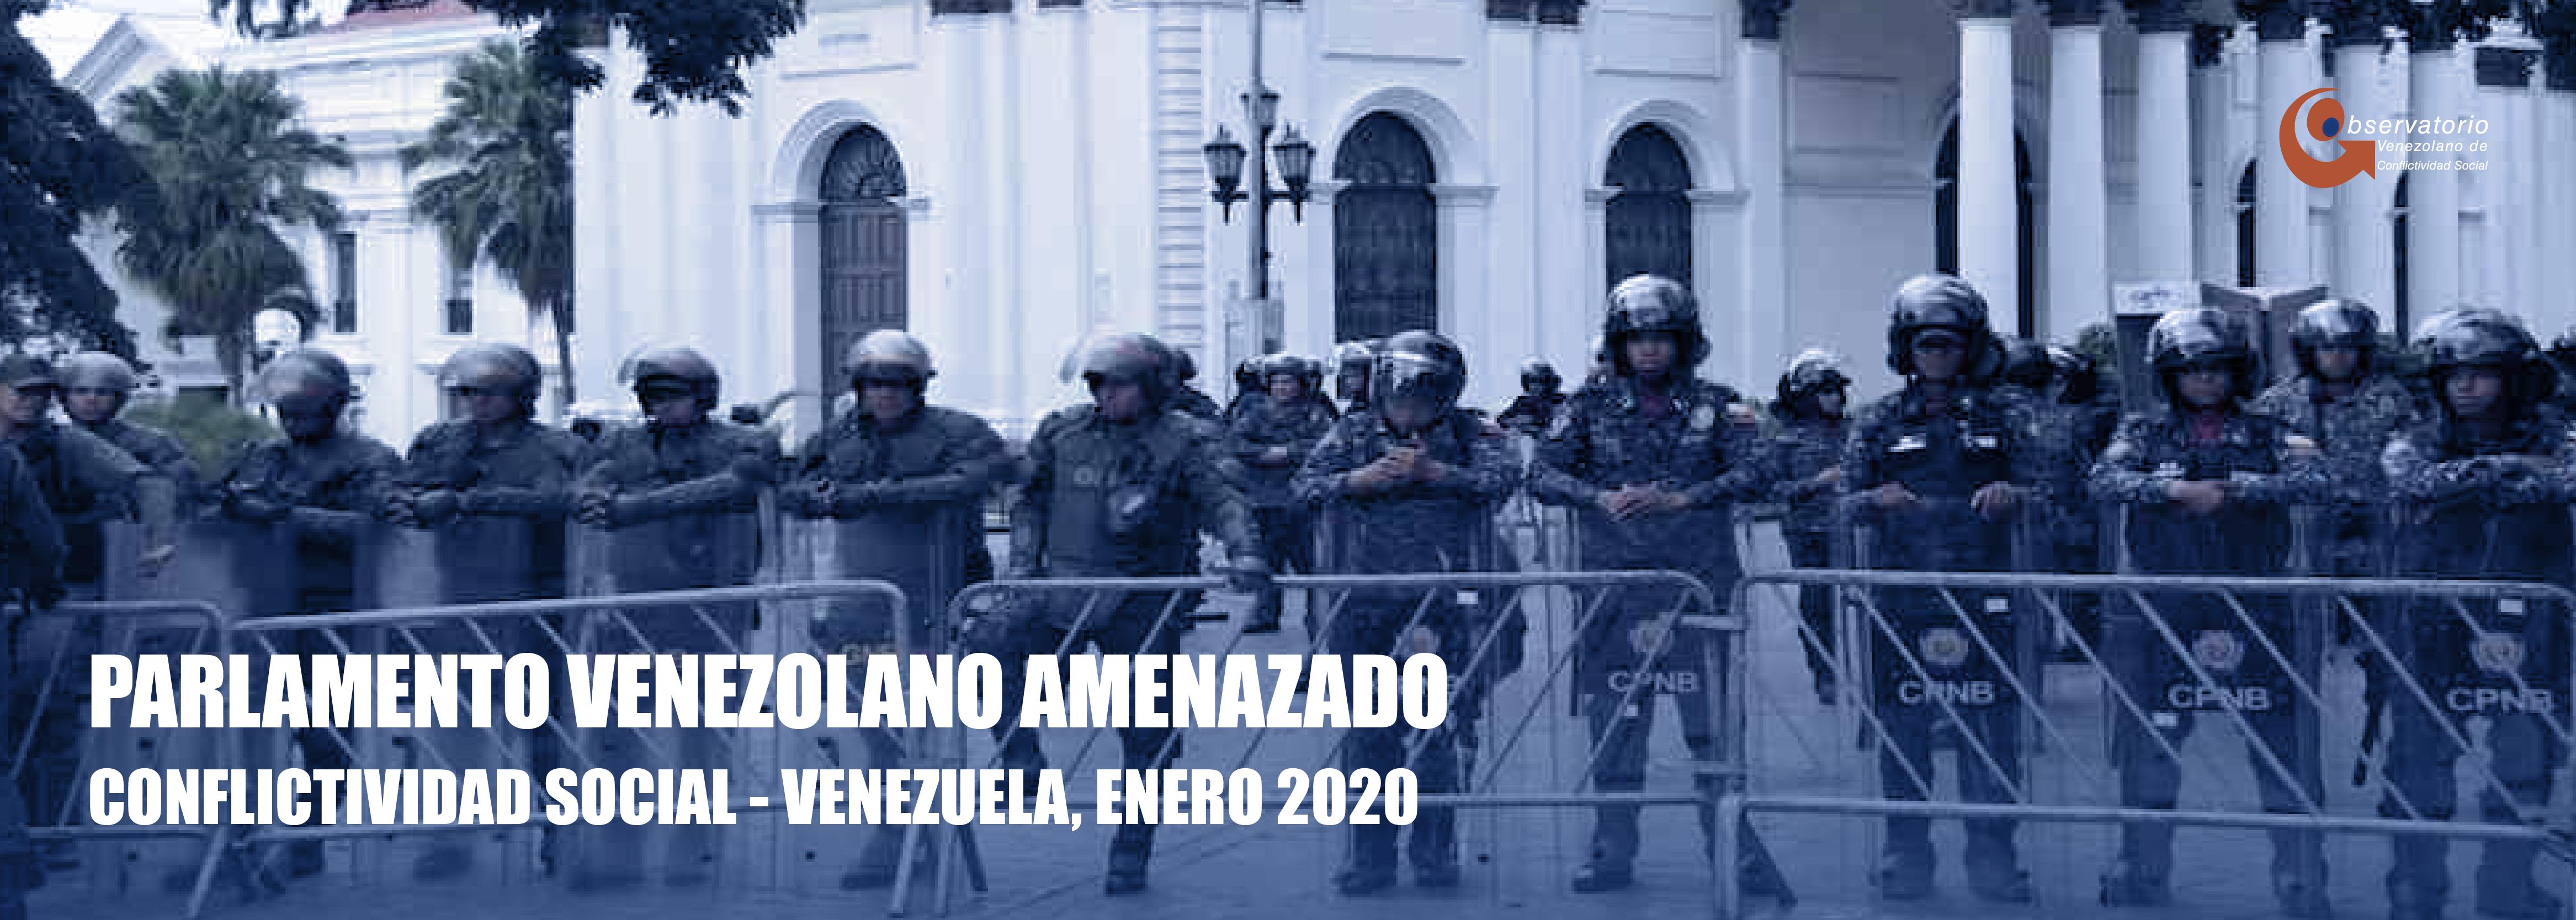 Conflictividad Social en Venezuela en enero de 2020